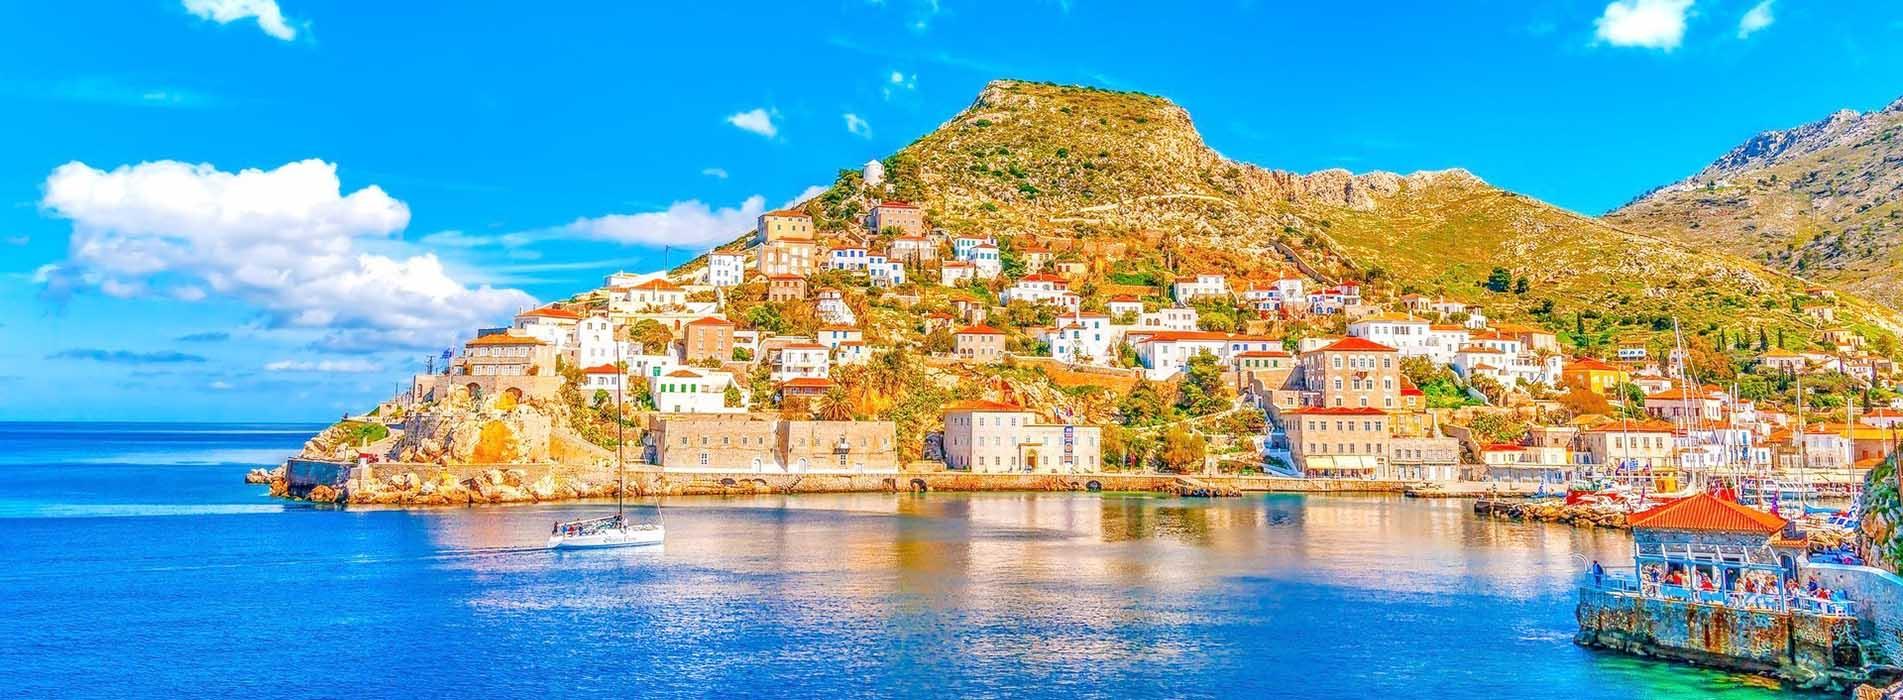 Greece - Hydra 3 (main)